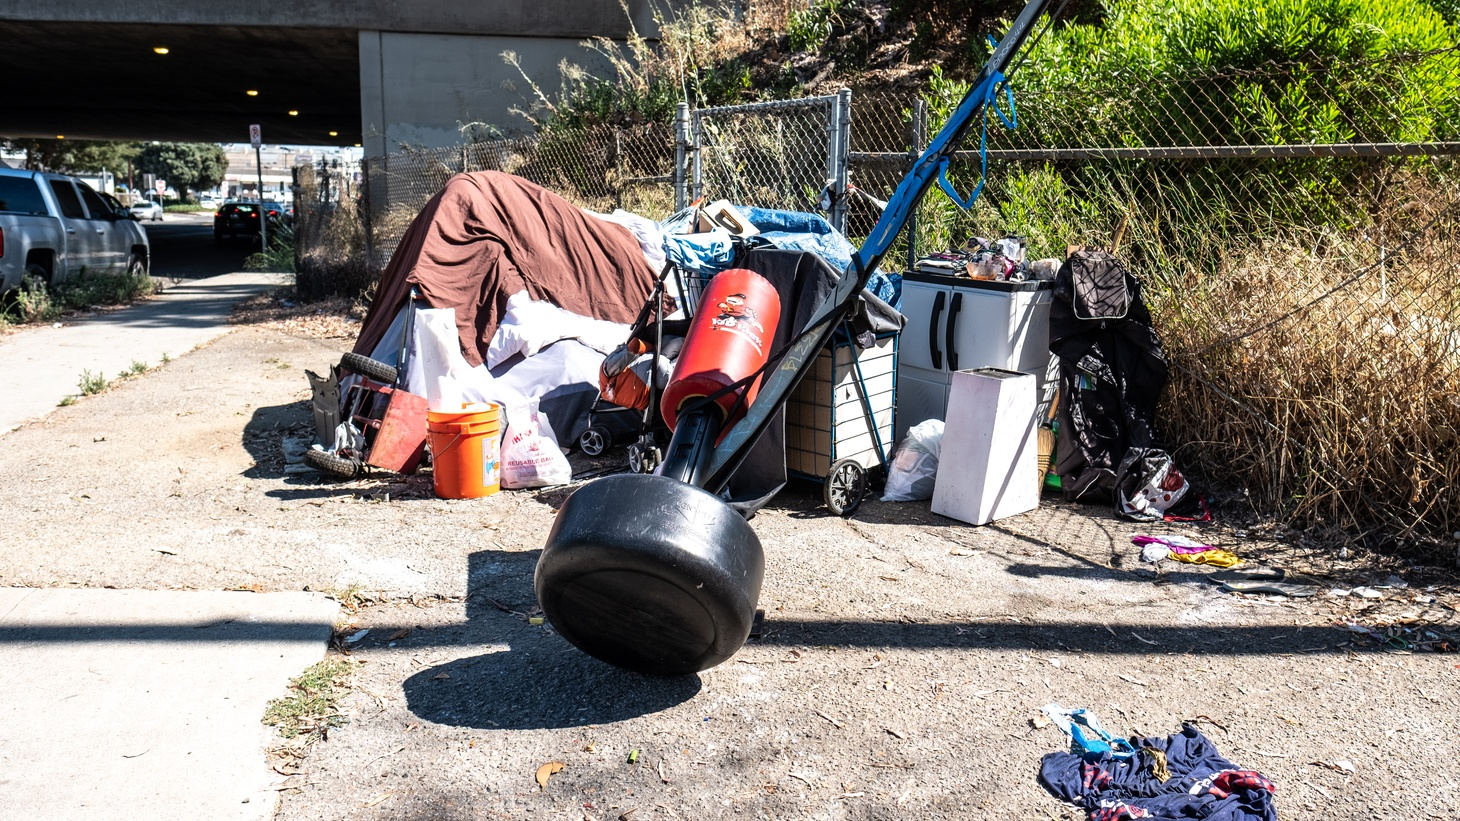 A homeless encampment on South Barrington Ave. in Santa Monica, August 15, 2019.